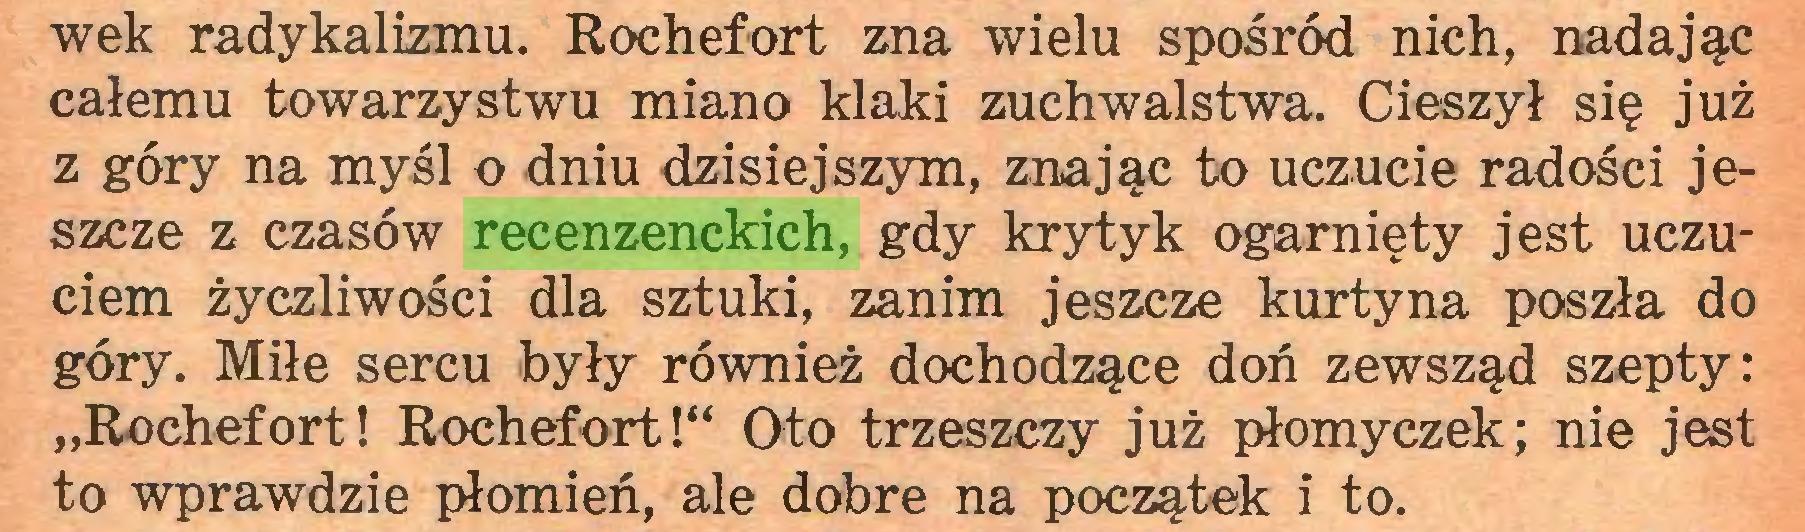 """(...) wek radykalizmu. Rochefort zna wielu spośród nich, nadając całemu towarzystwu miano klaki zuchwalstwa. Cieszył się już z góry na myśl o dniu dzisiejszym, znając to uczucie radości jeszcze z czasów recenzenckich, gdy krytyk ogarnięty jest uczuciem życzliwości dla sztuki, zanim jeszcze kurtyna poszła do góry. Miłe sercu były również dochodzące doń zewsząd szepty: """"Rochefort! Rochefort!"""" Oto trzeszczy już płomyczek; nie jest to wprawdzie płomień, ale dobre na początek i to..."""